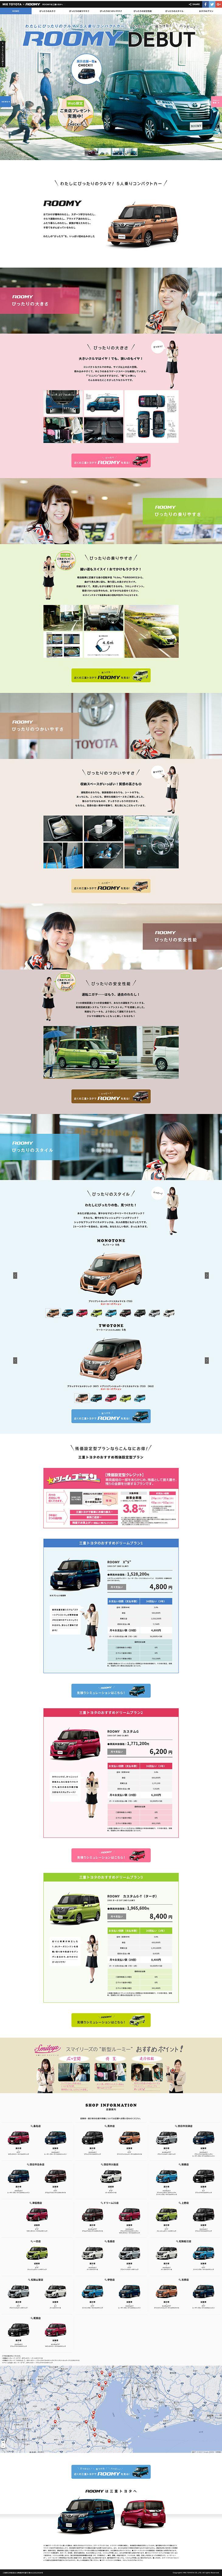 ROOMY【車・バイク関連】のLPデザイン。WEBデザイナーさん必見!ランディングページのデザイン参考に(かわいい系)